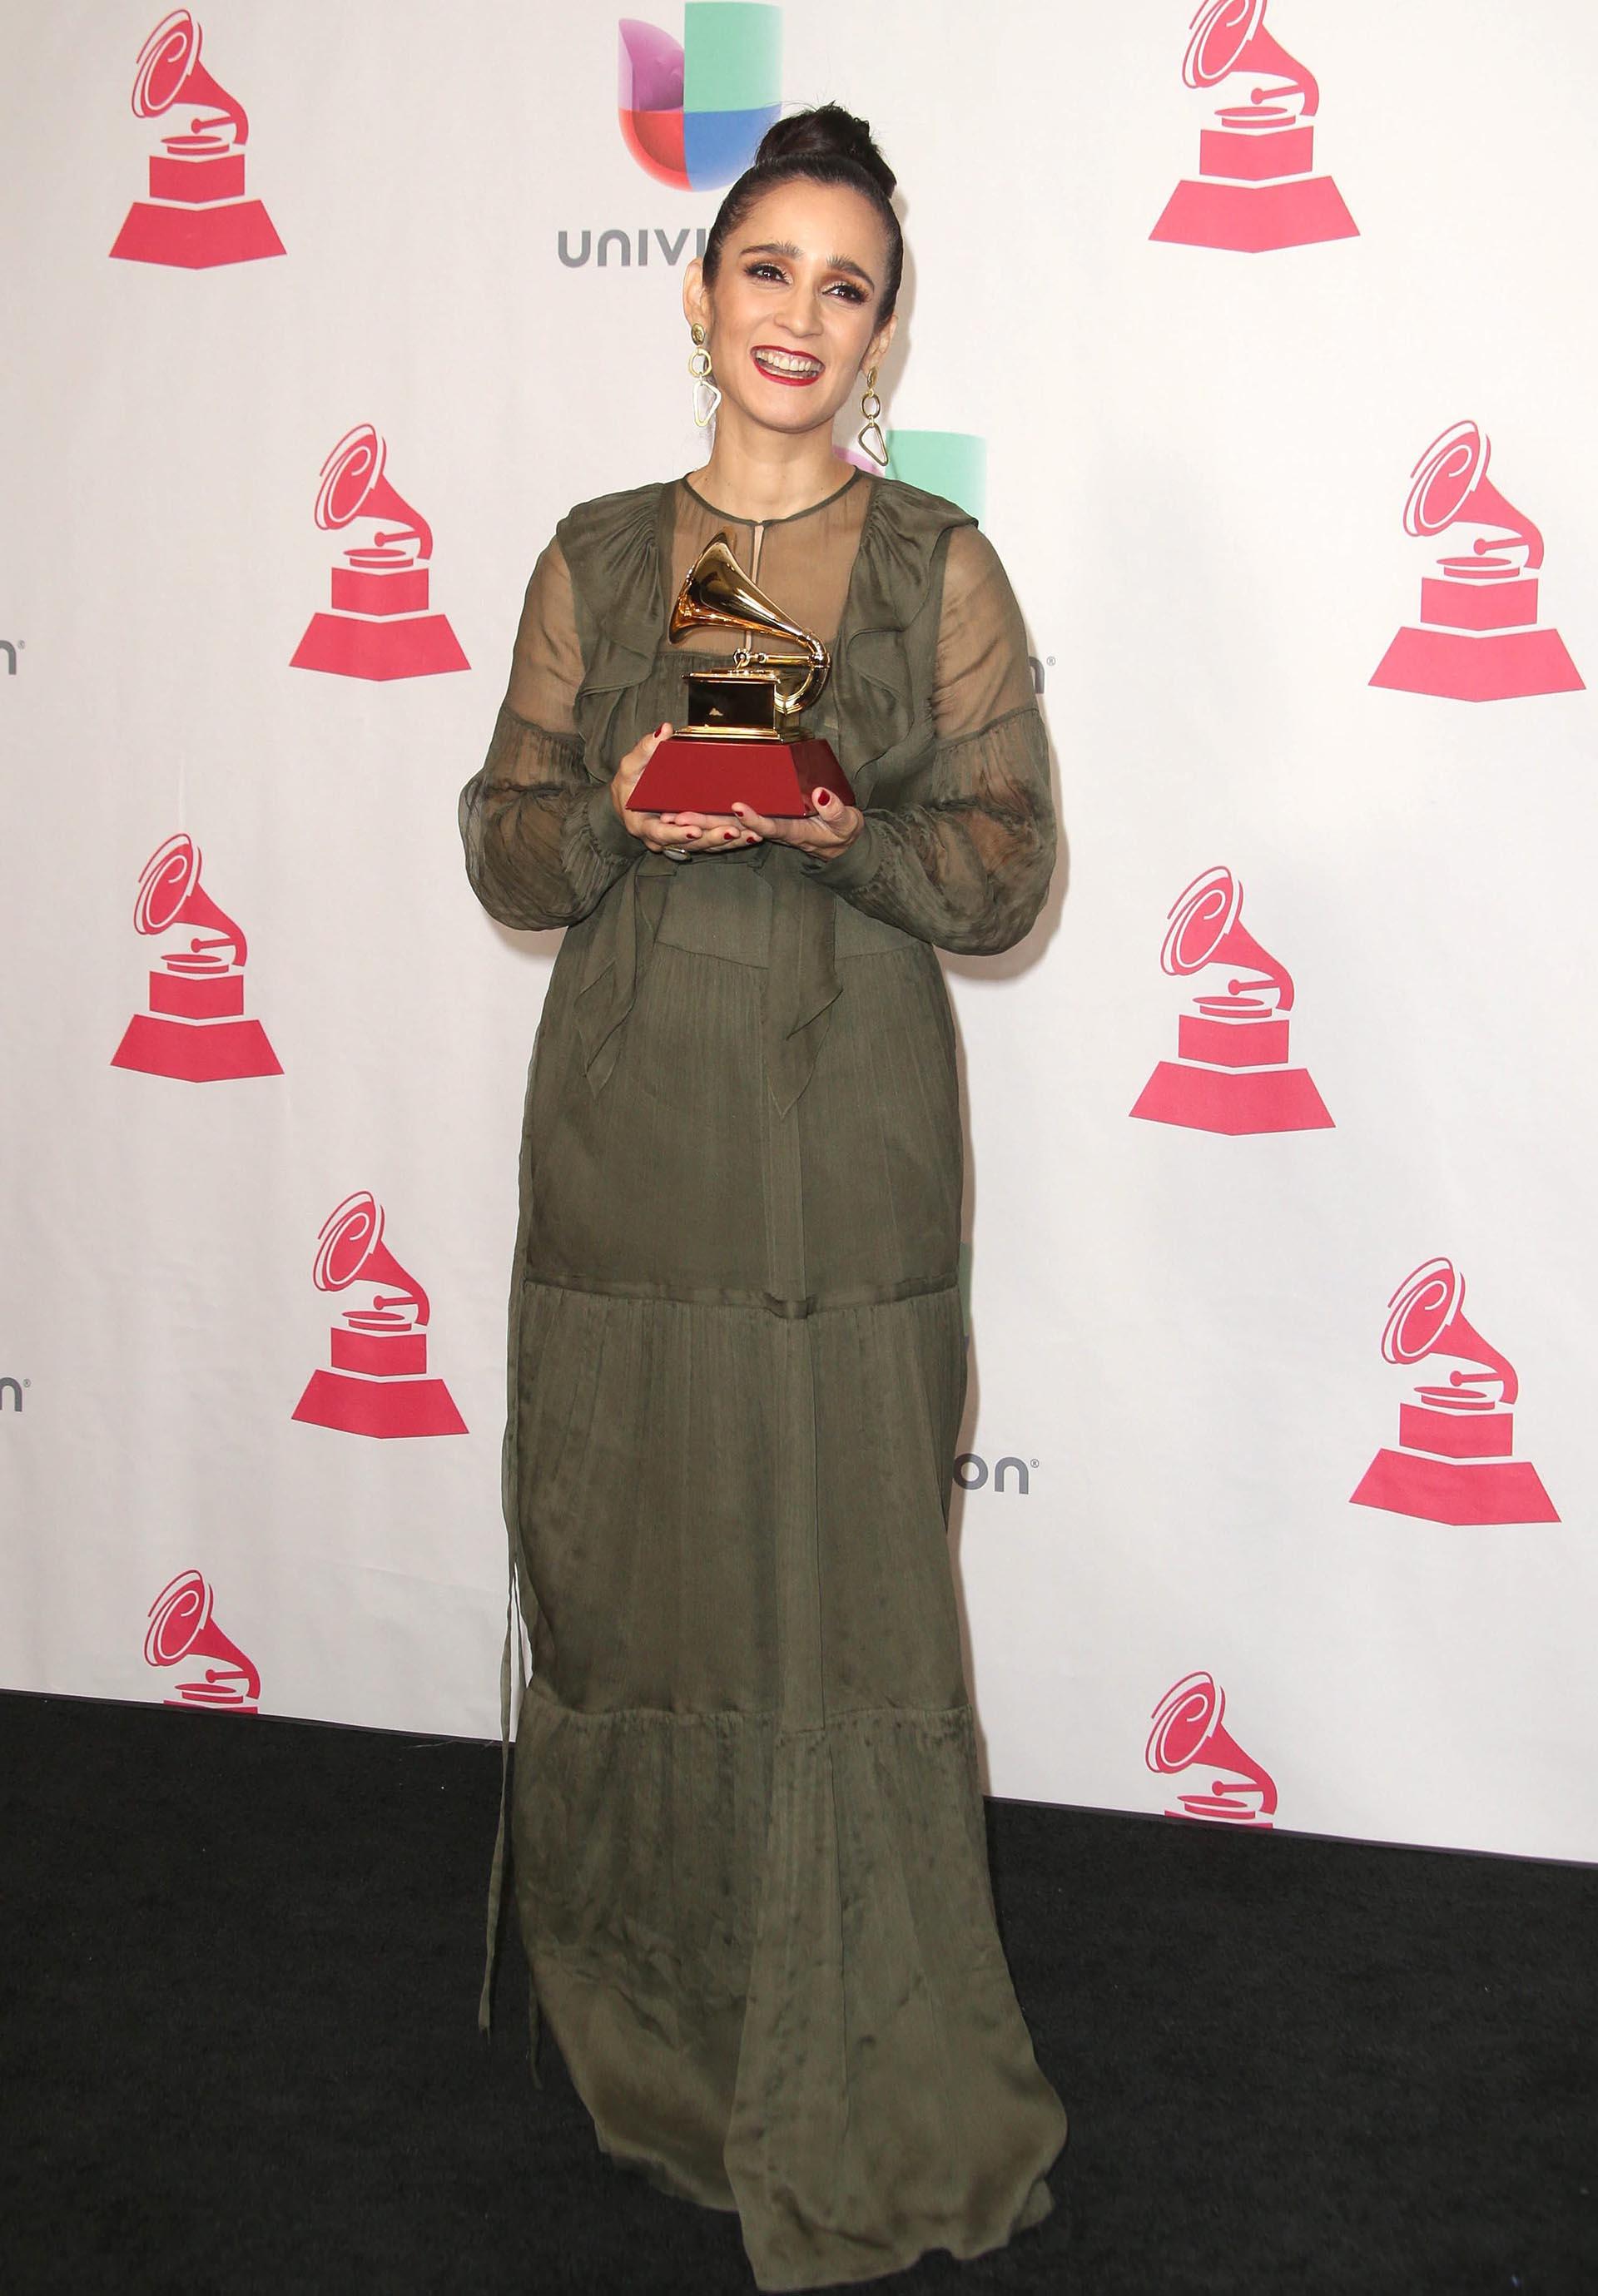 Julieta Venegas posa con su premio a Mejor Álbum Pop/Rock